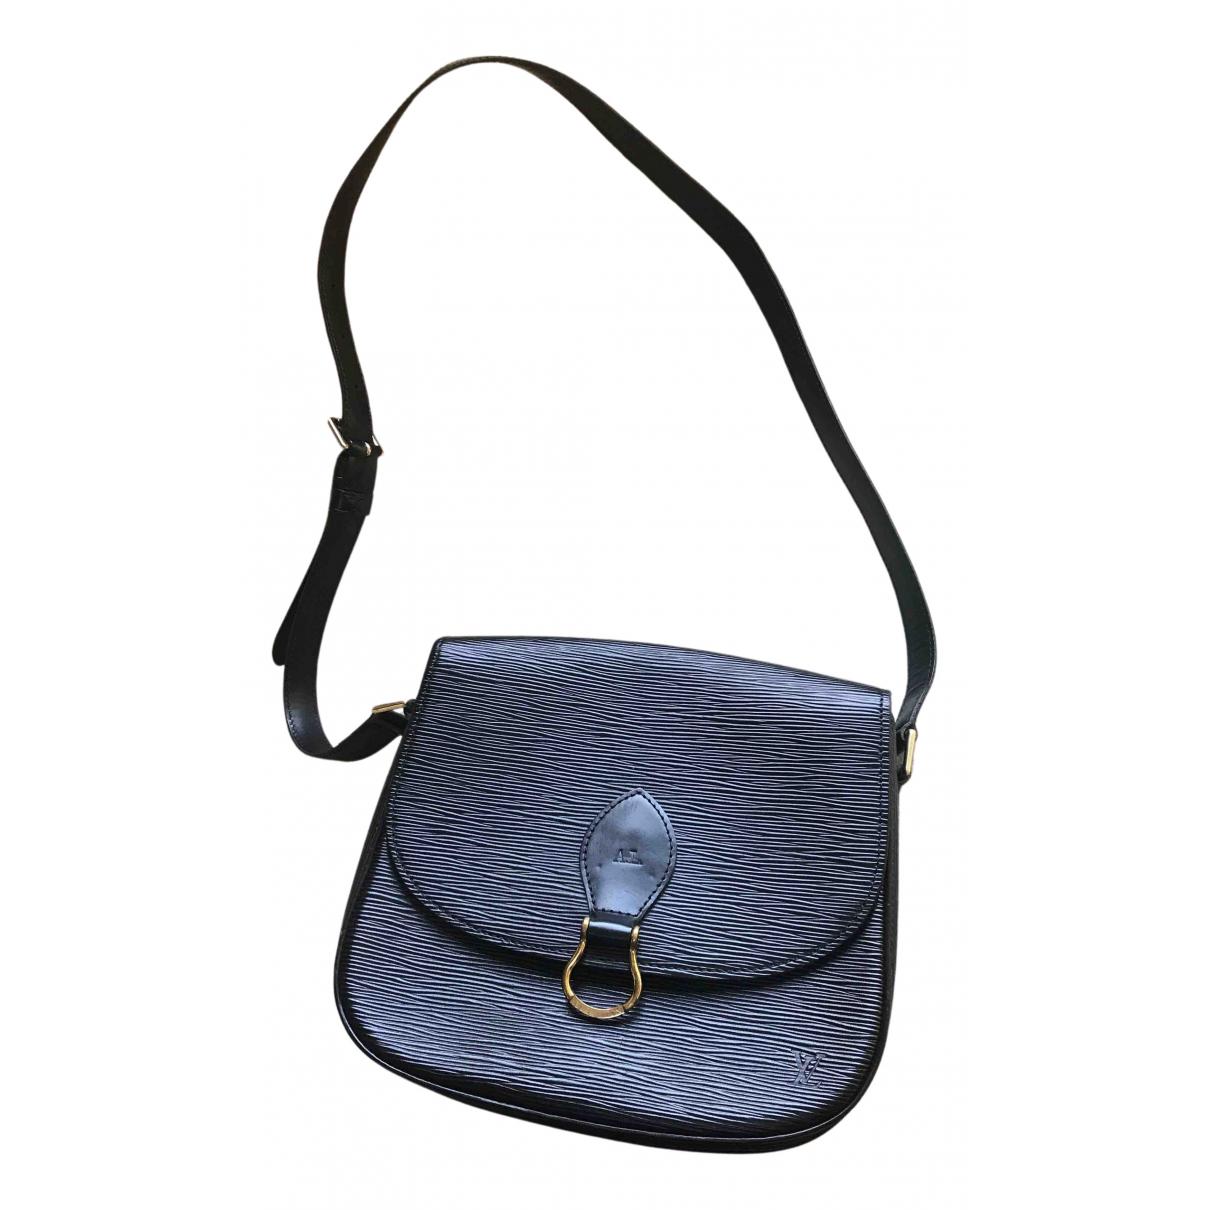 Louis Vuitton Saint Cloud Black Leather handbag for Women N